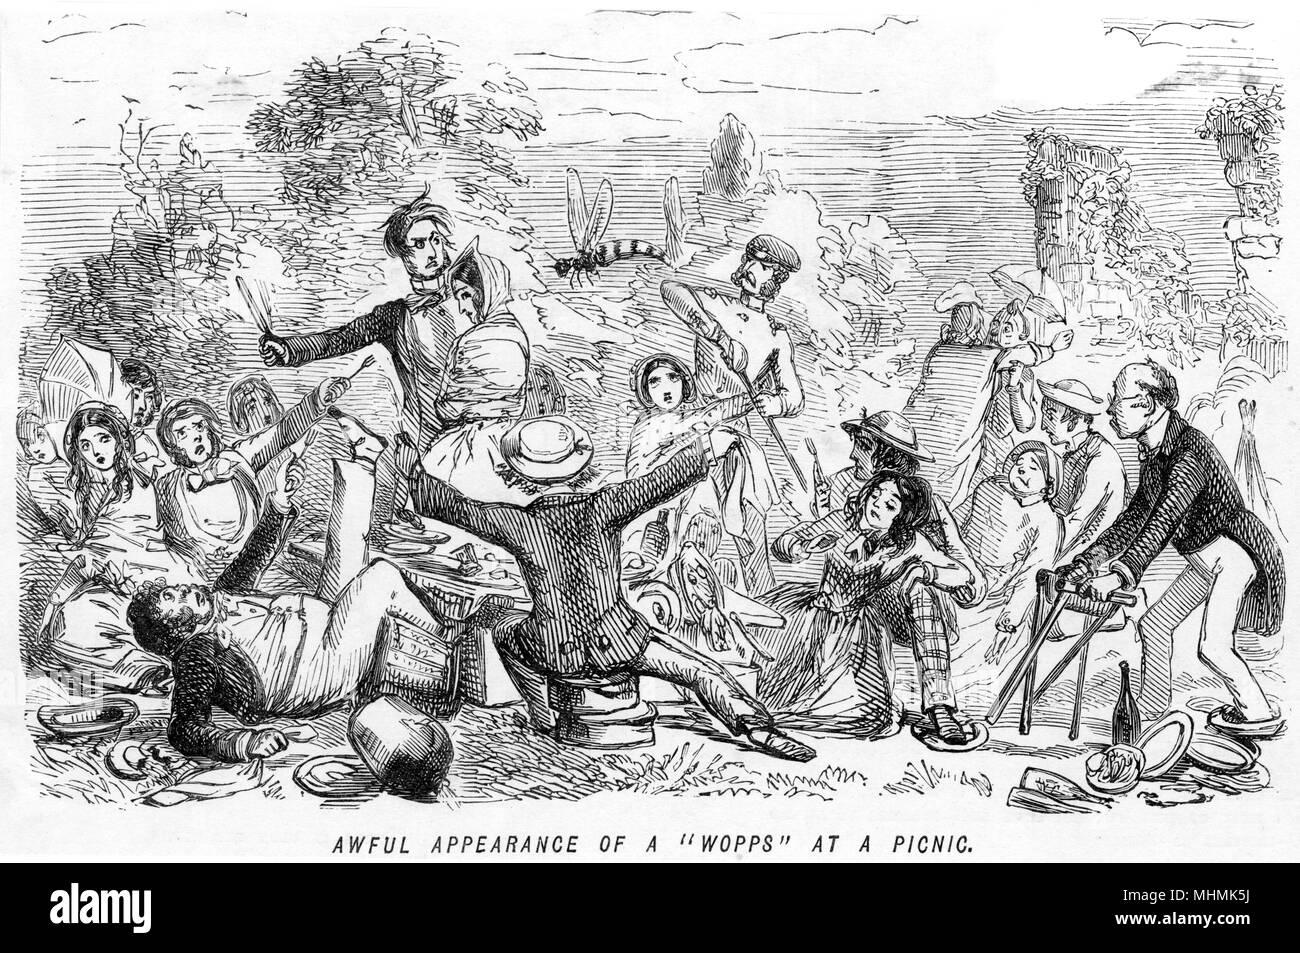 """""""L'aspetto orribile di un """"wopps"""" ad un picnic': picnic gli ospiti sono gravemente disturbati quando un piuttosto grandi wasp assume un interesse per il loro cibo, uno dei pericoli di mangiare all'aperto data: circa 1840 Foto Stock"""